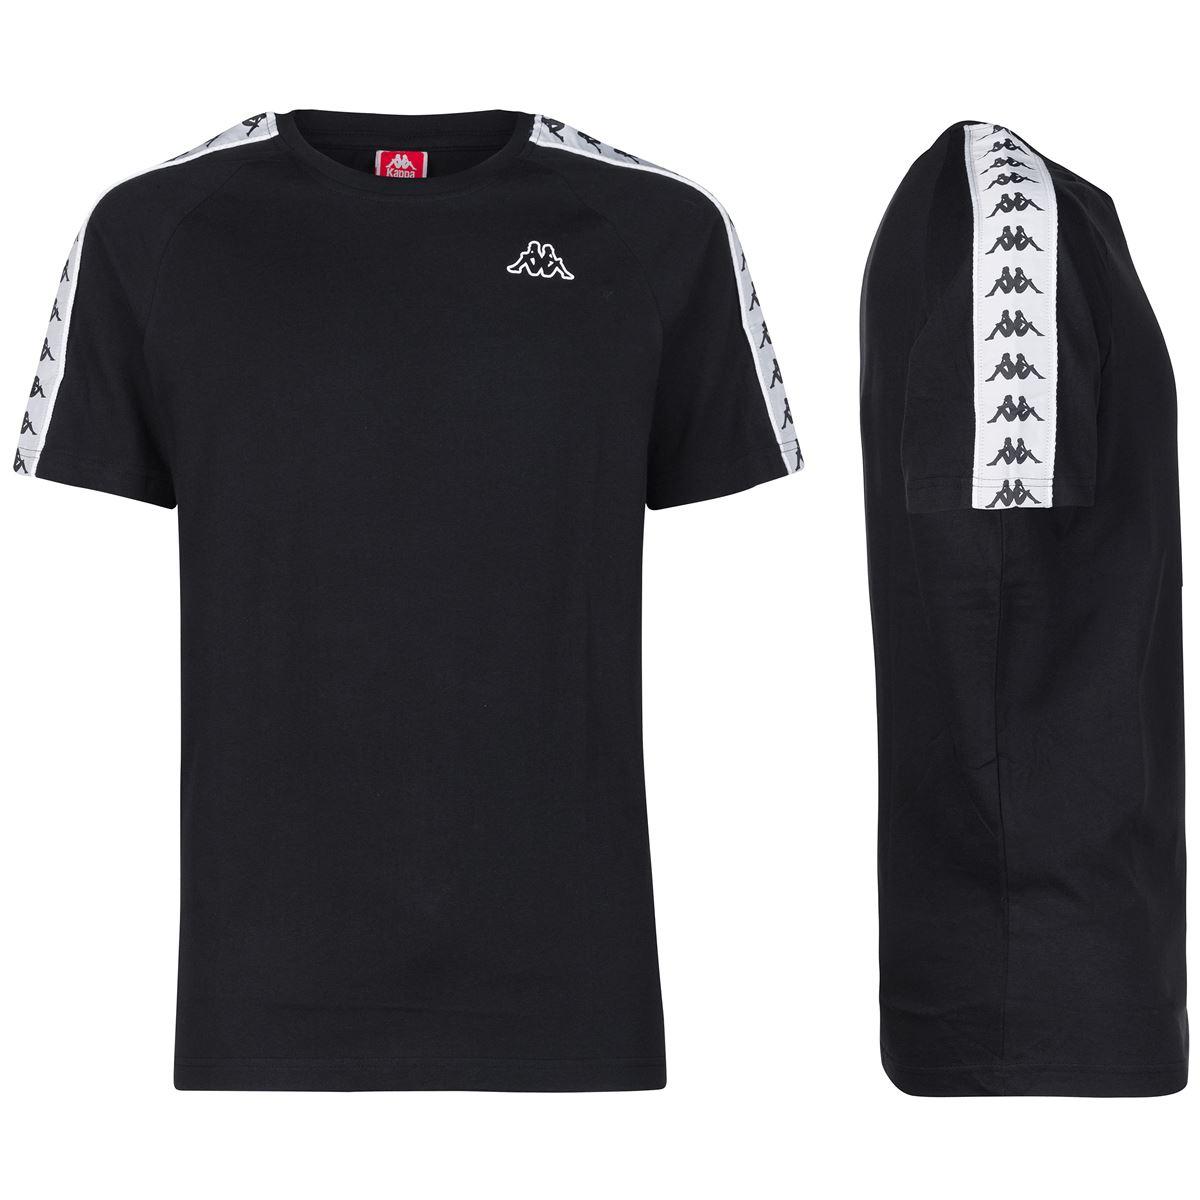 T-SHIRT KAPPA KAPPA | T-shirt m/m | 303UV10**945